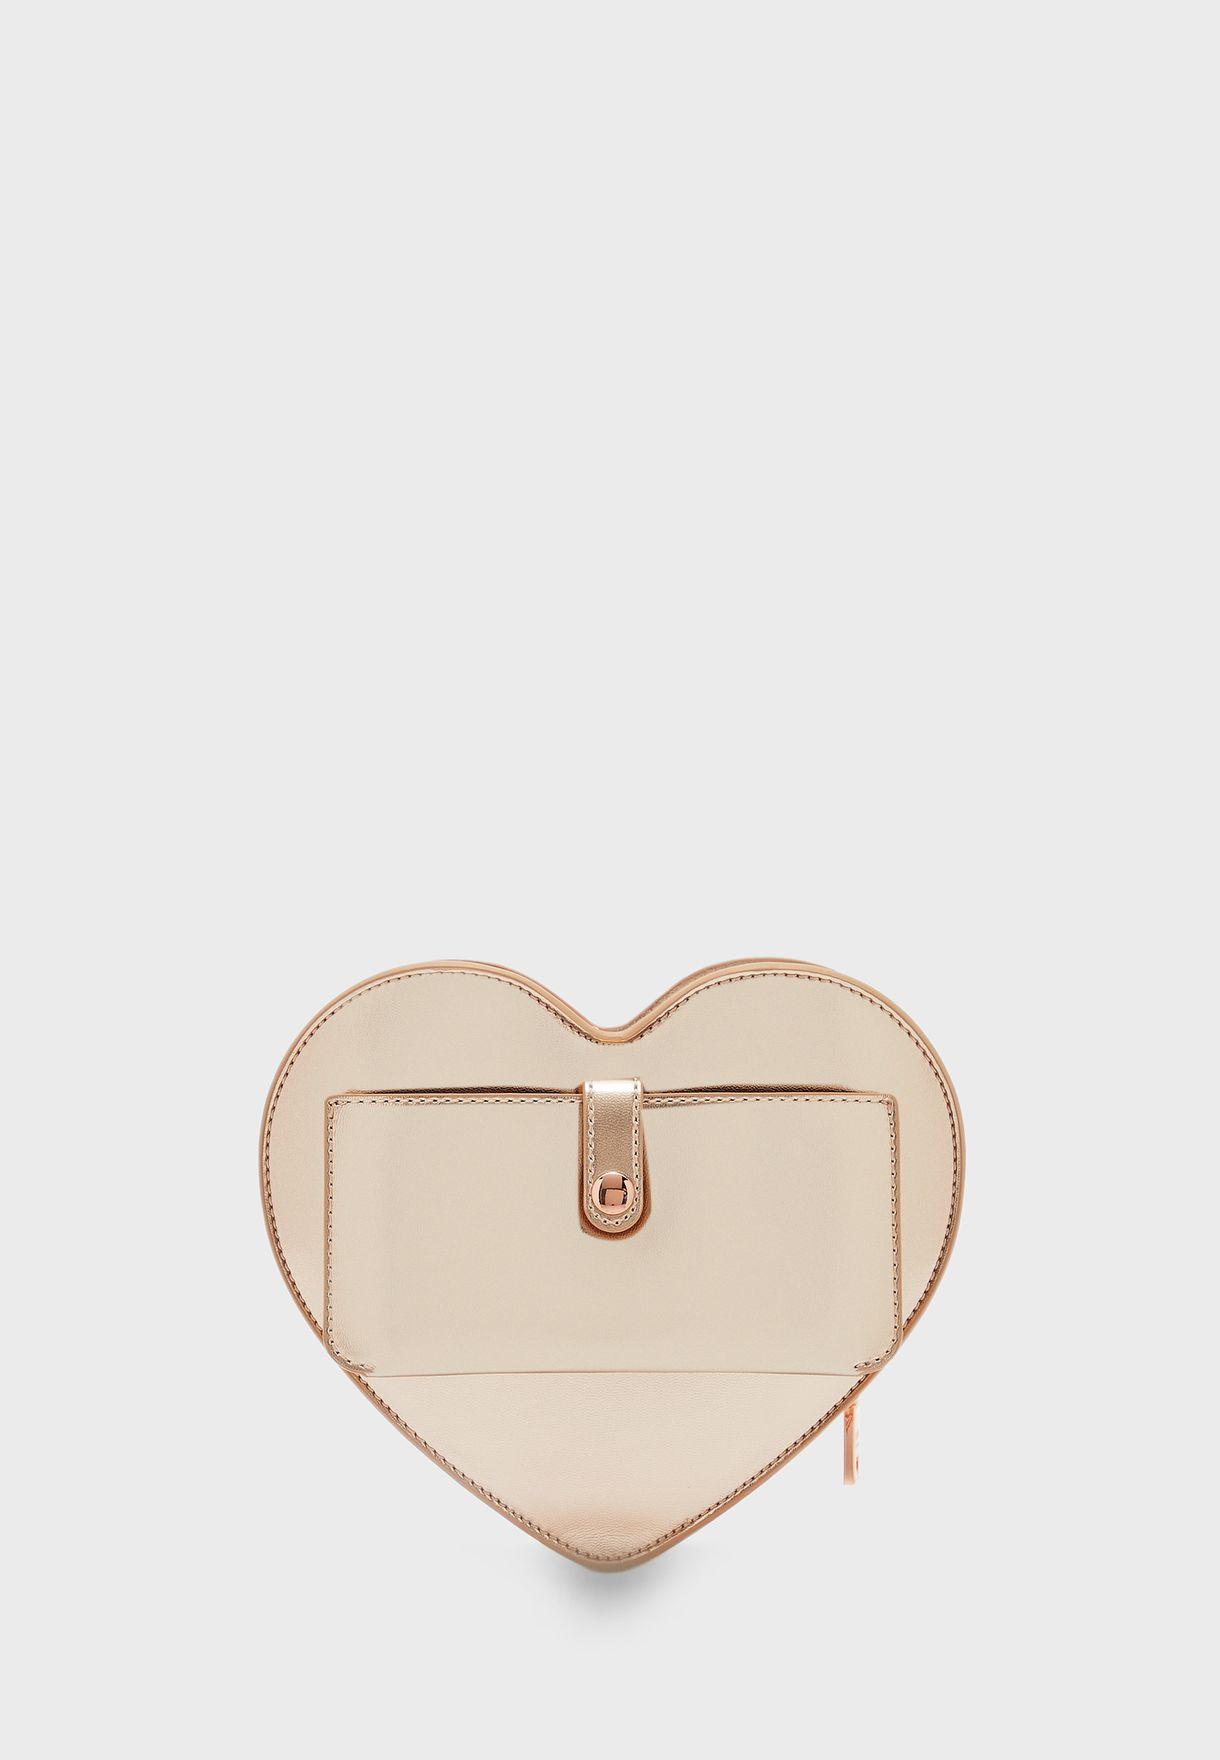 Heart Shape Push Lock Crossbody